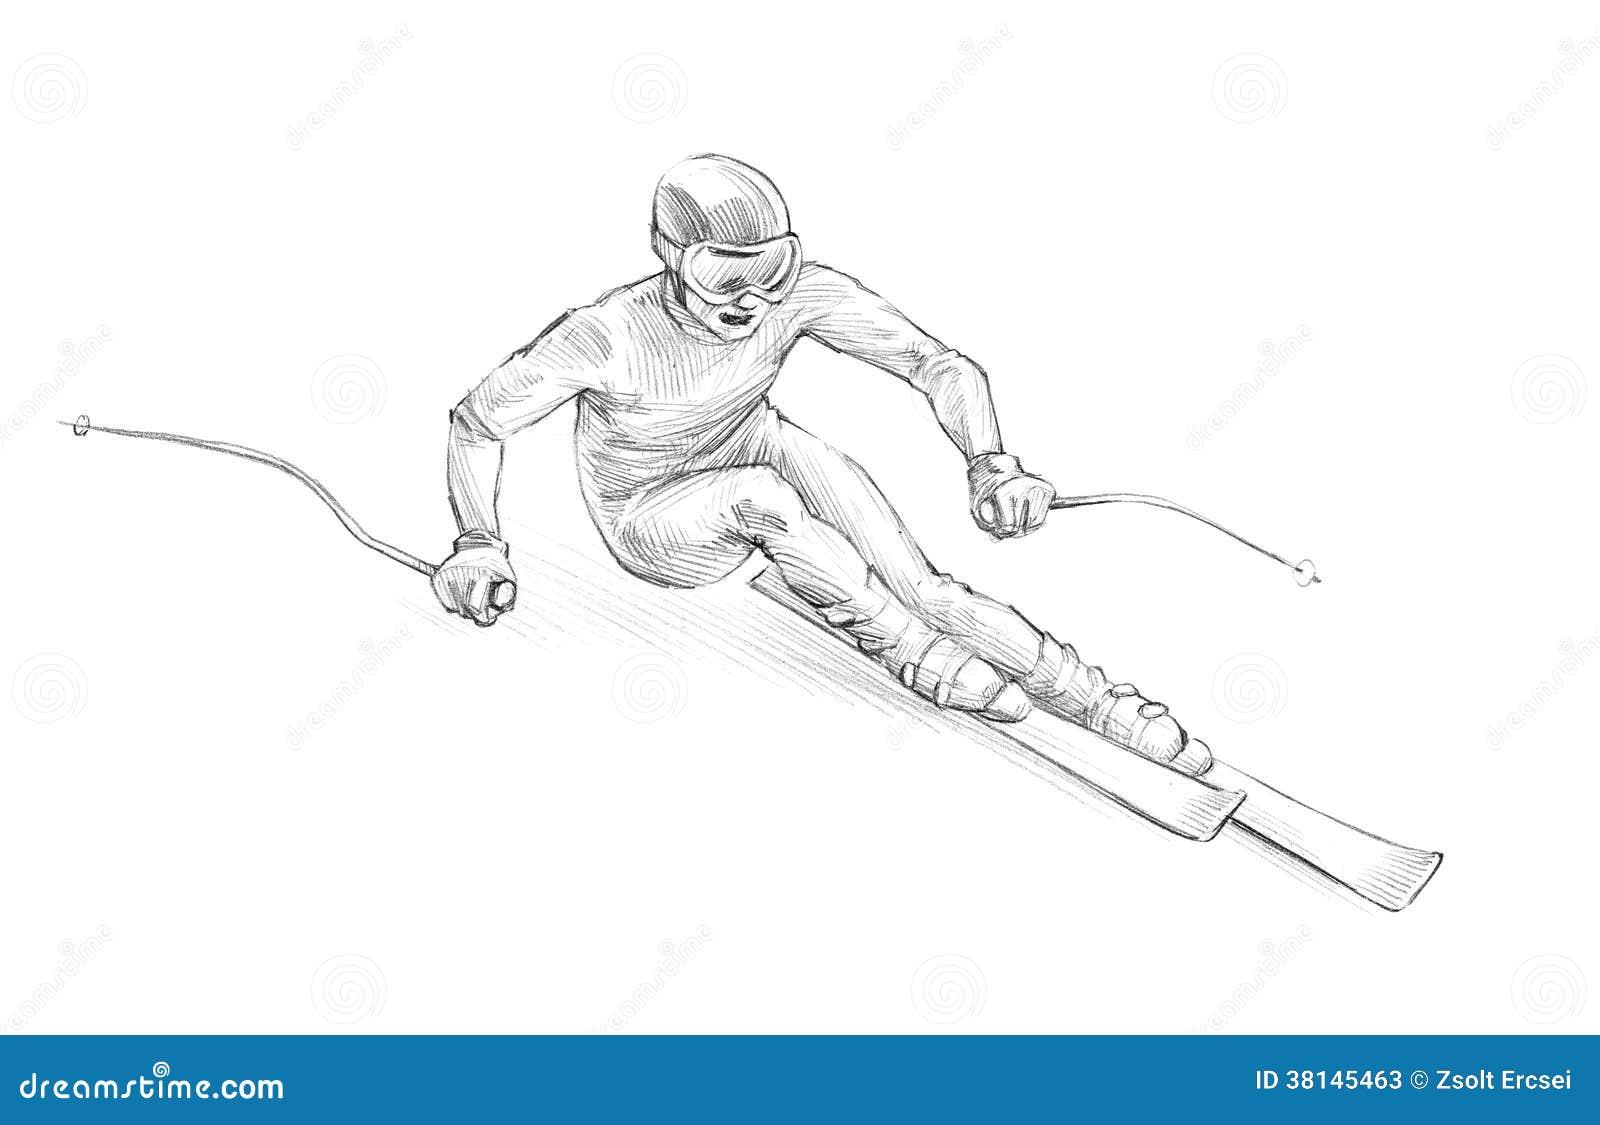 Croquis tir par la main illustration de crayon d 39 un - Ski alpin dessin ...